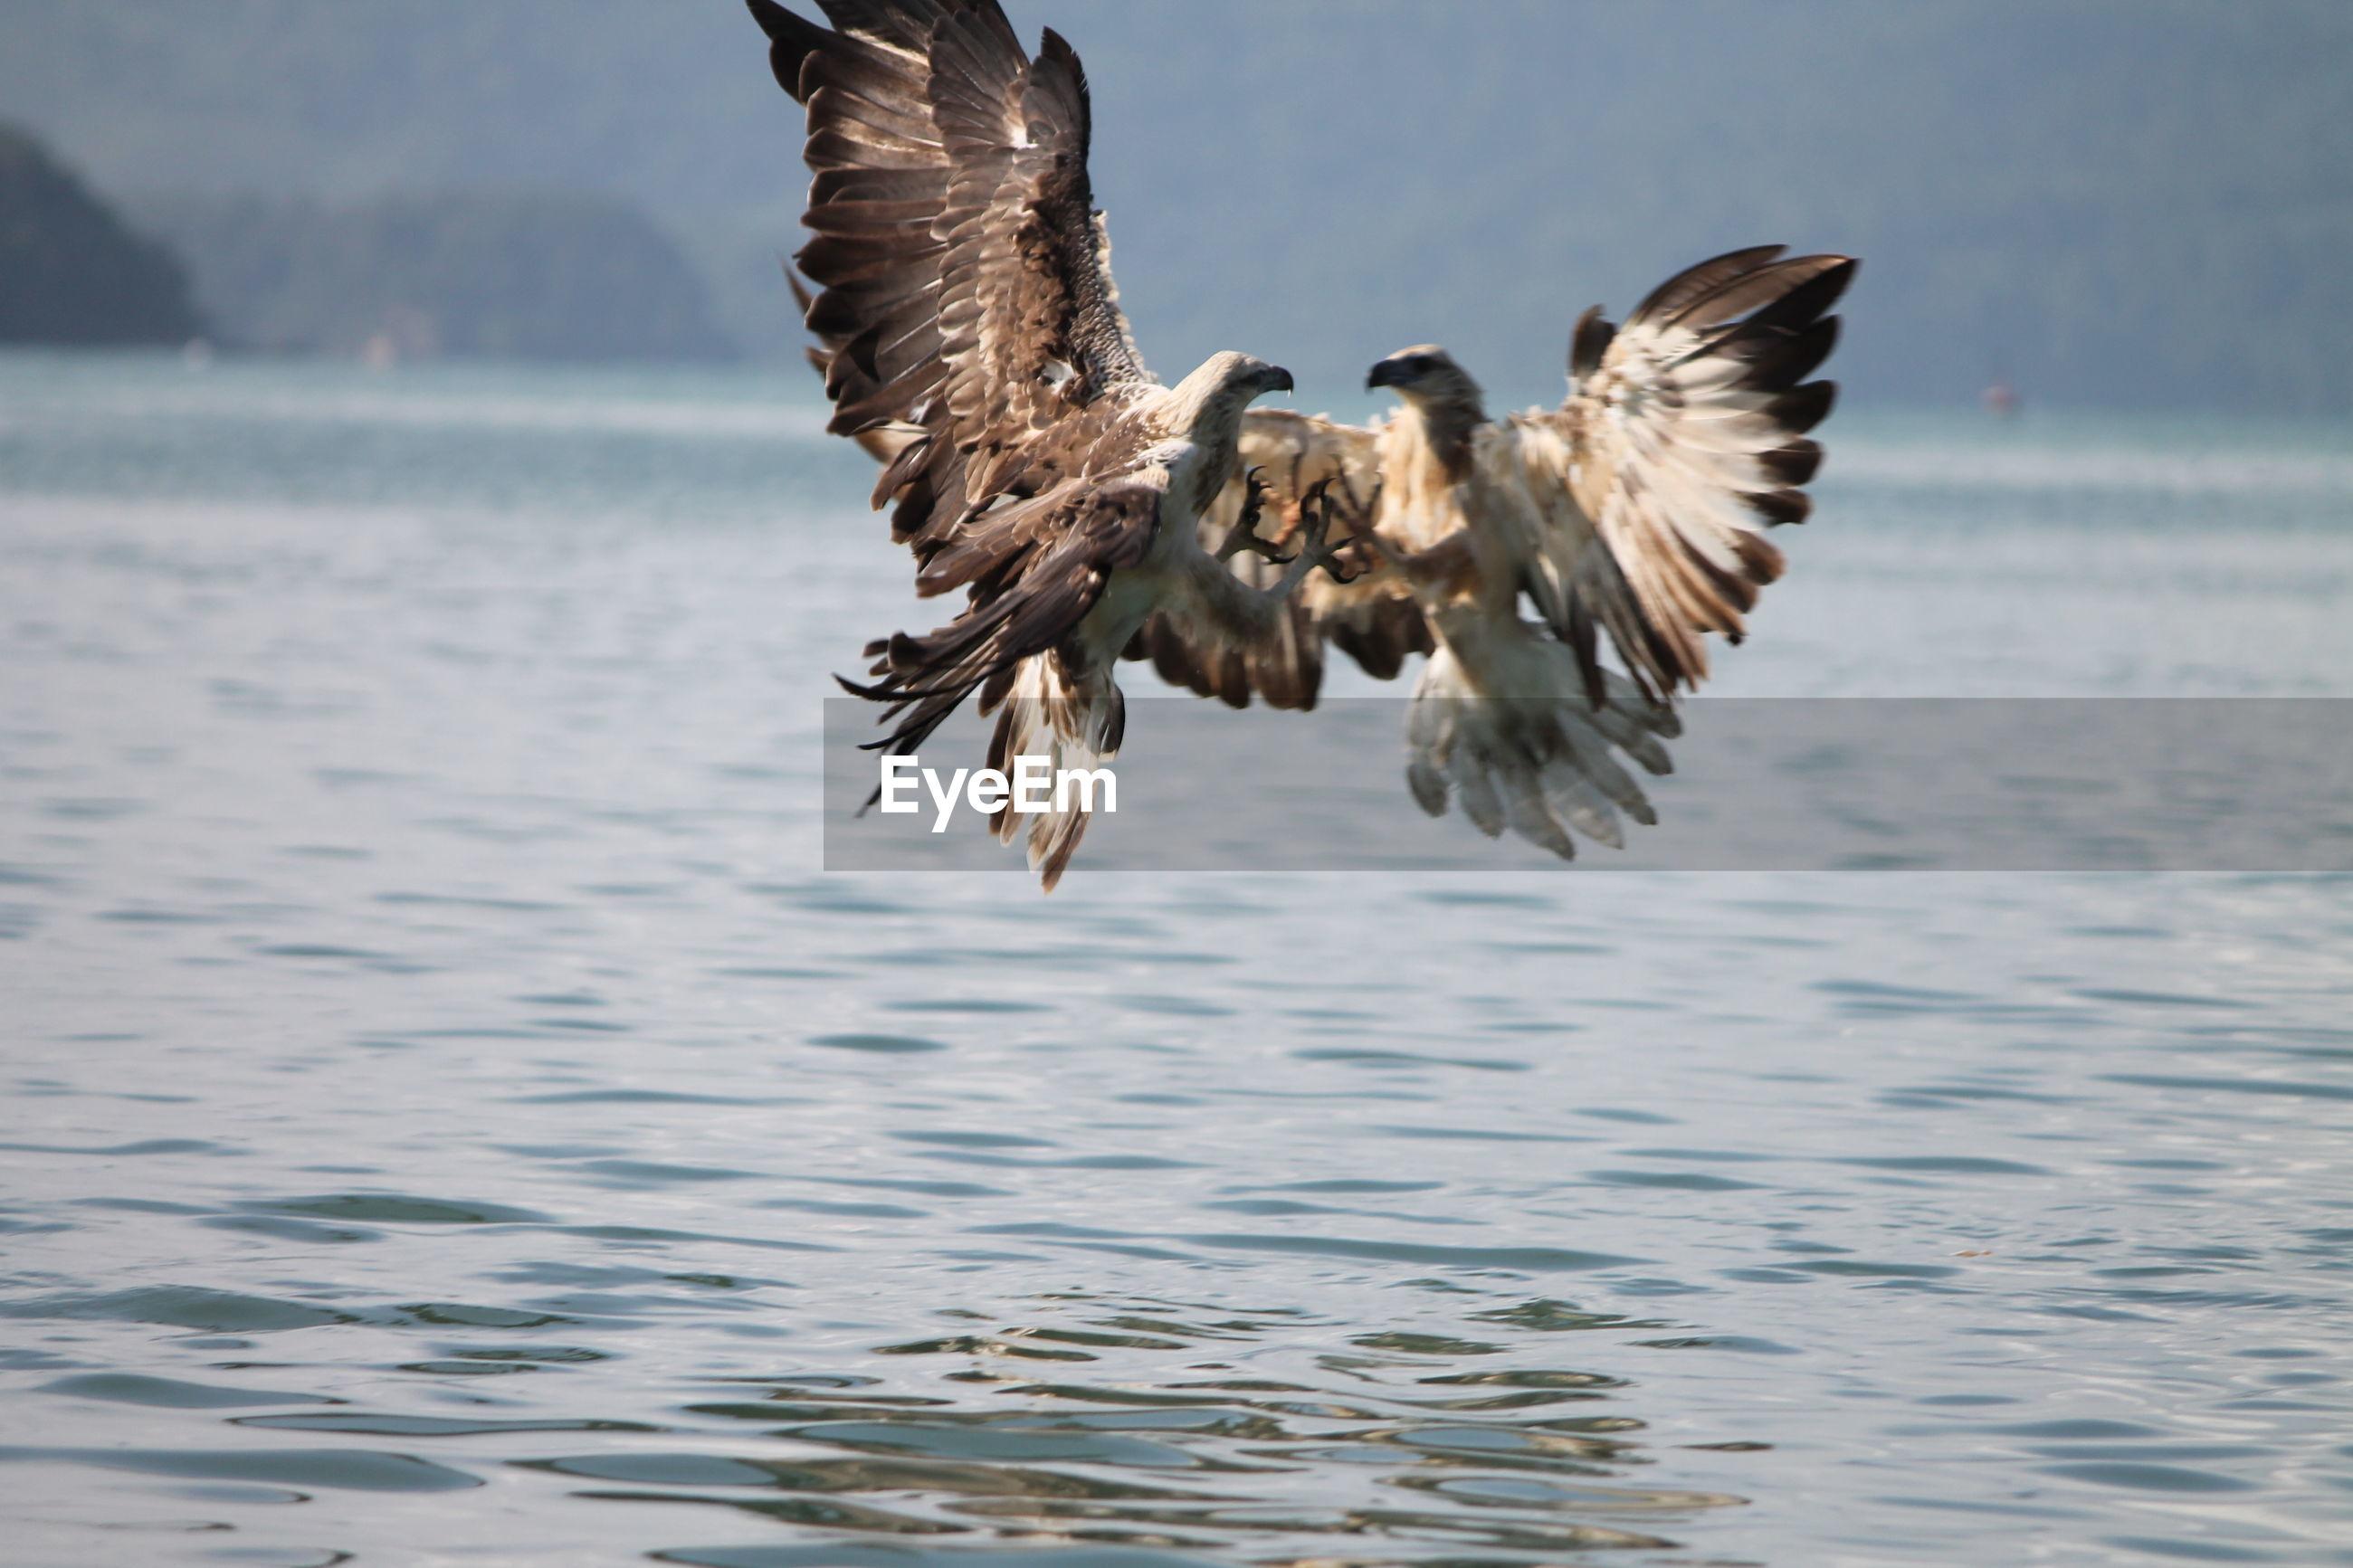 Fighting hawks over lake